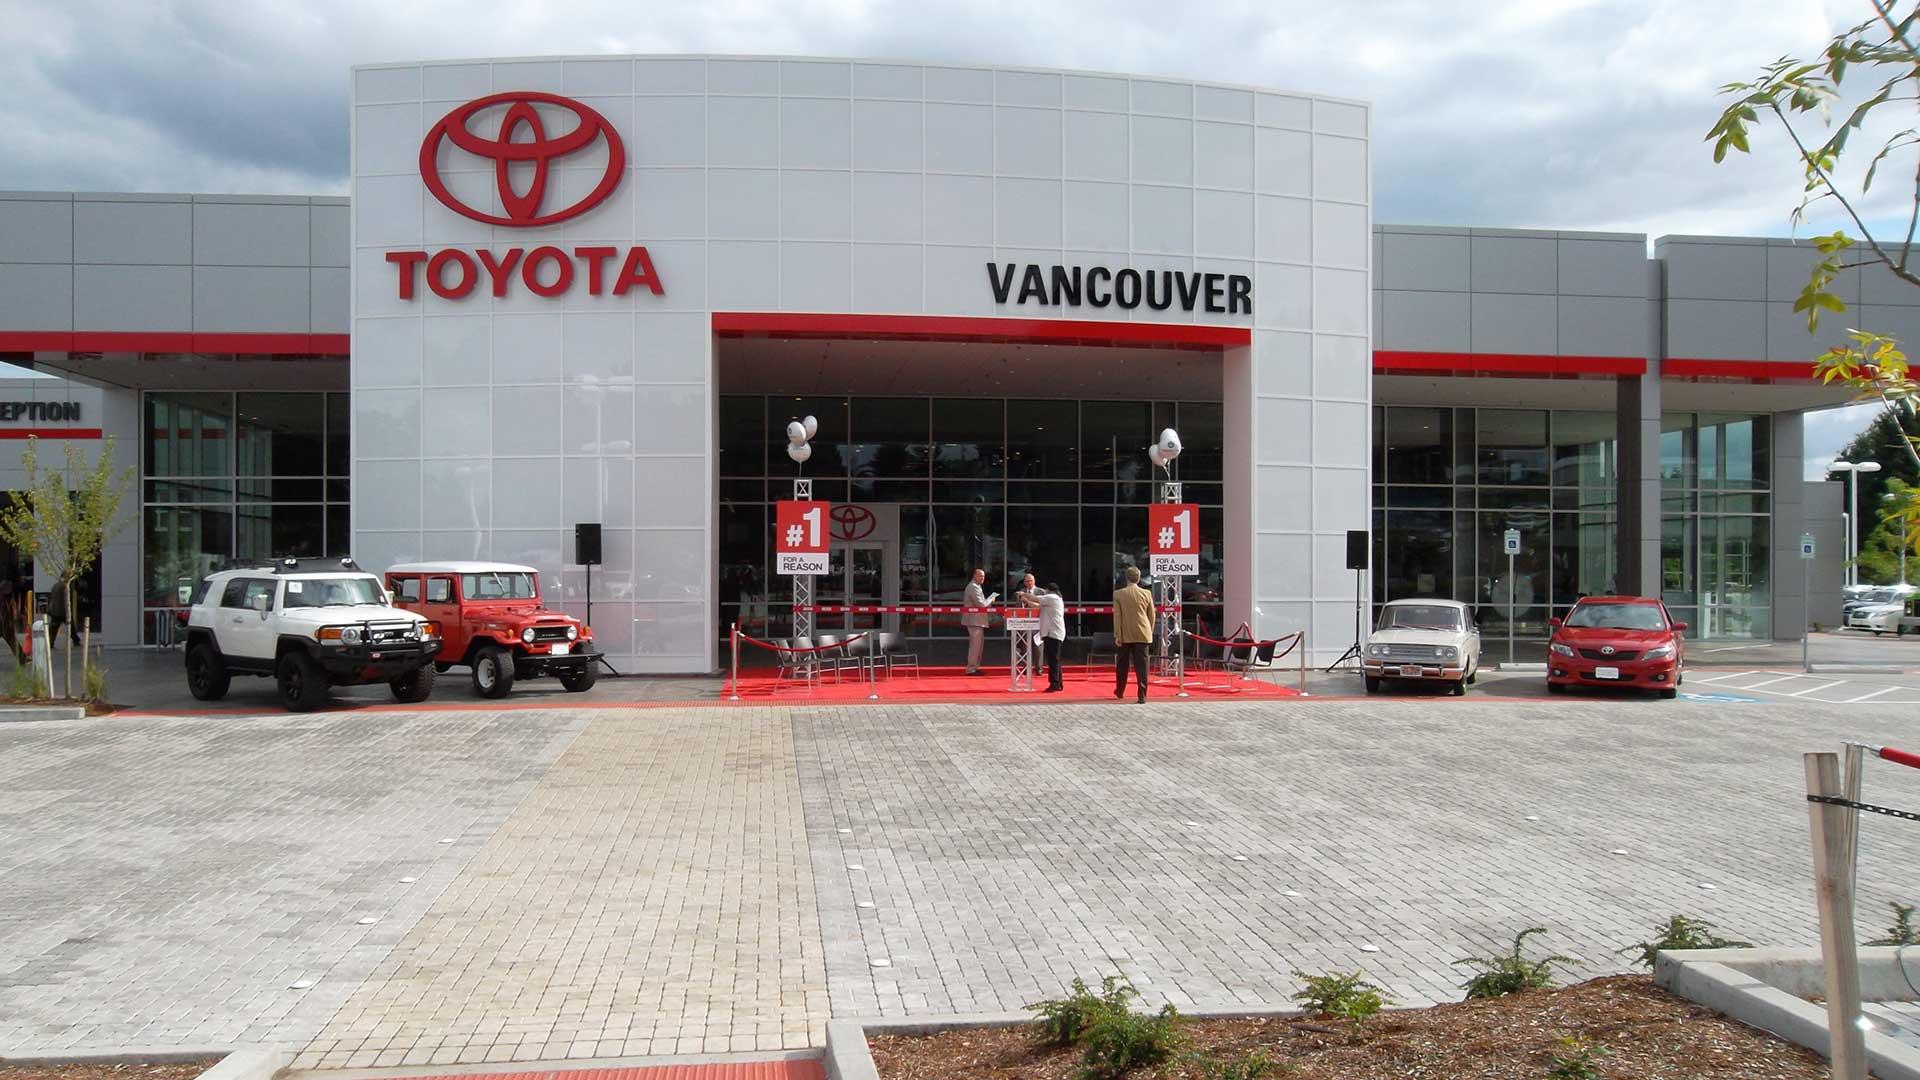 Vancouver Toyota